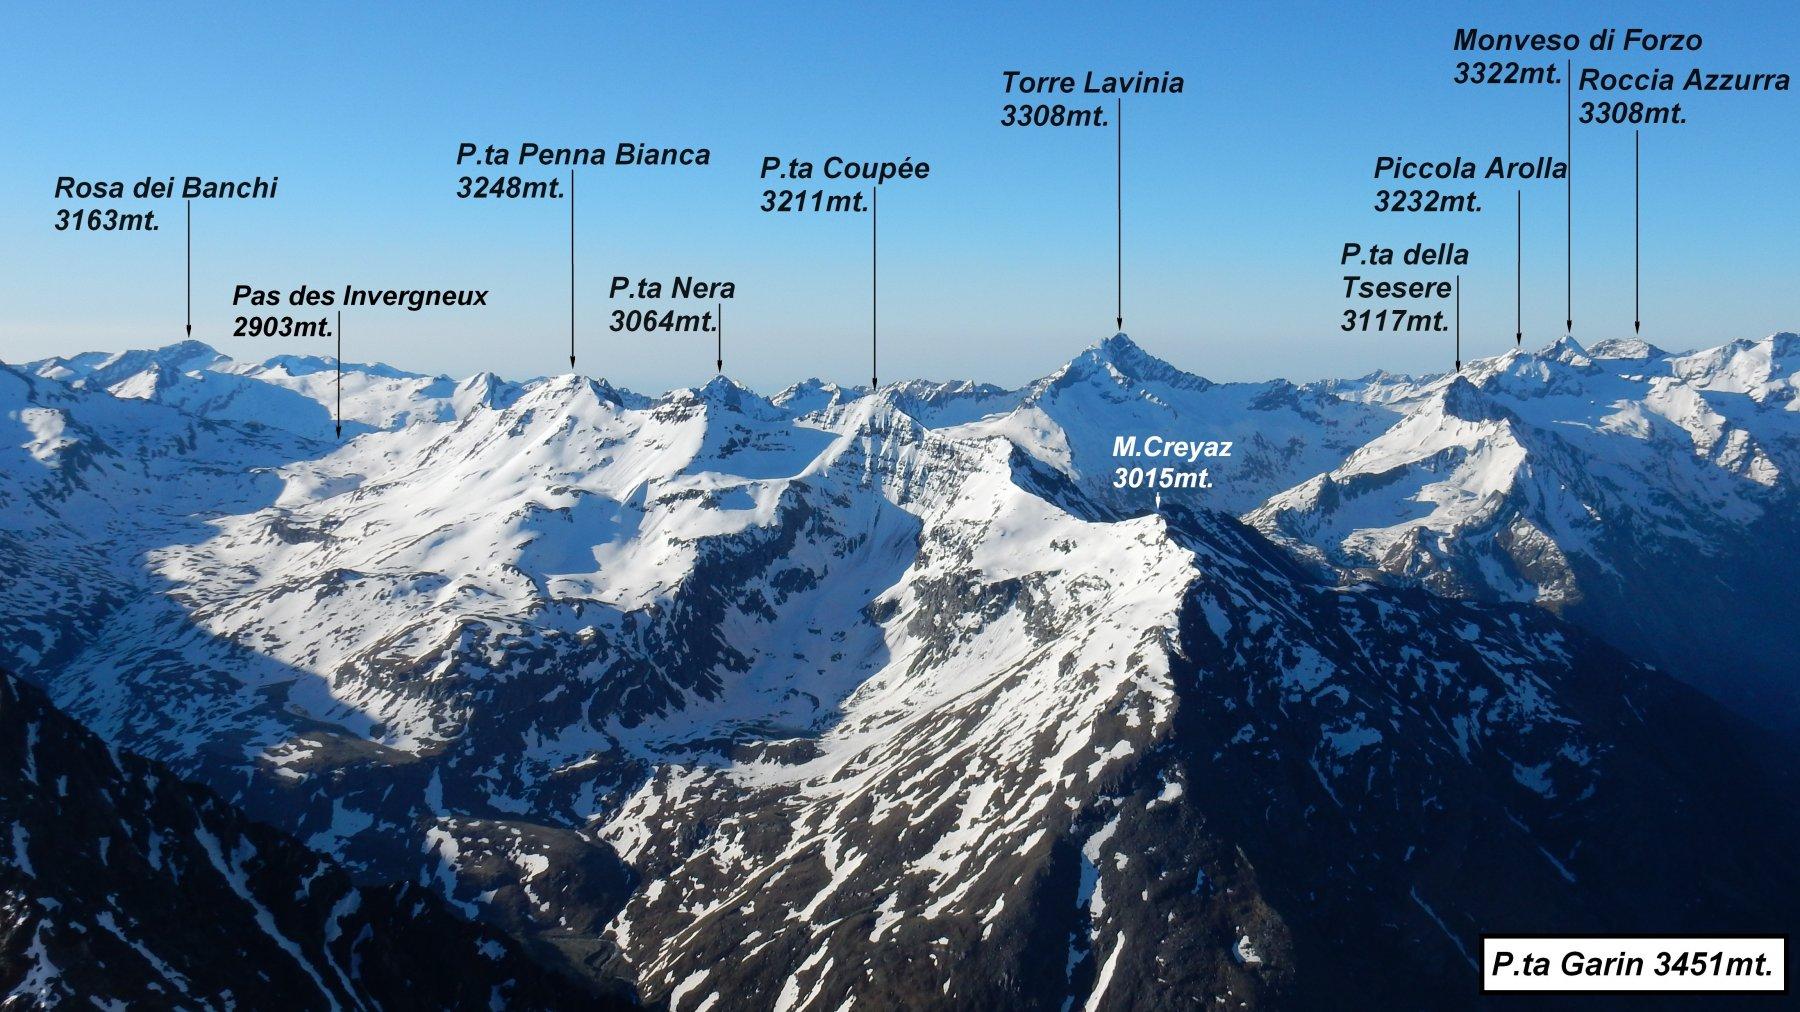 Panorama da P.ta Garin.